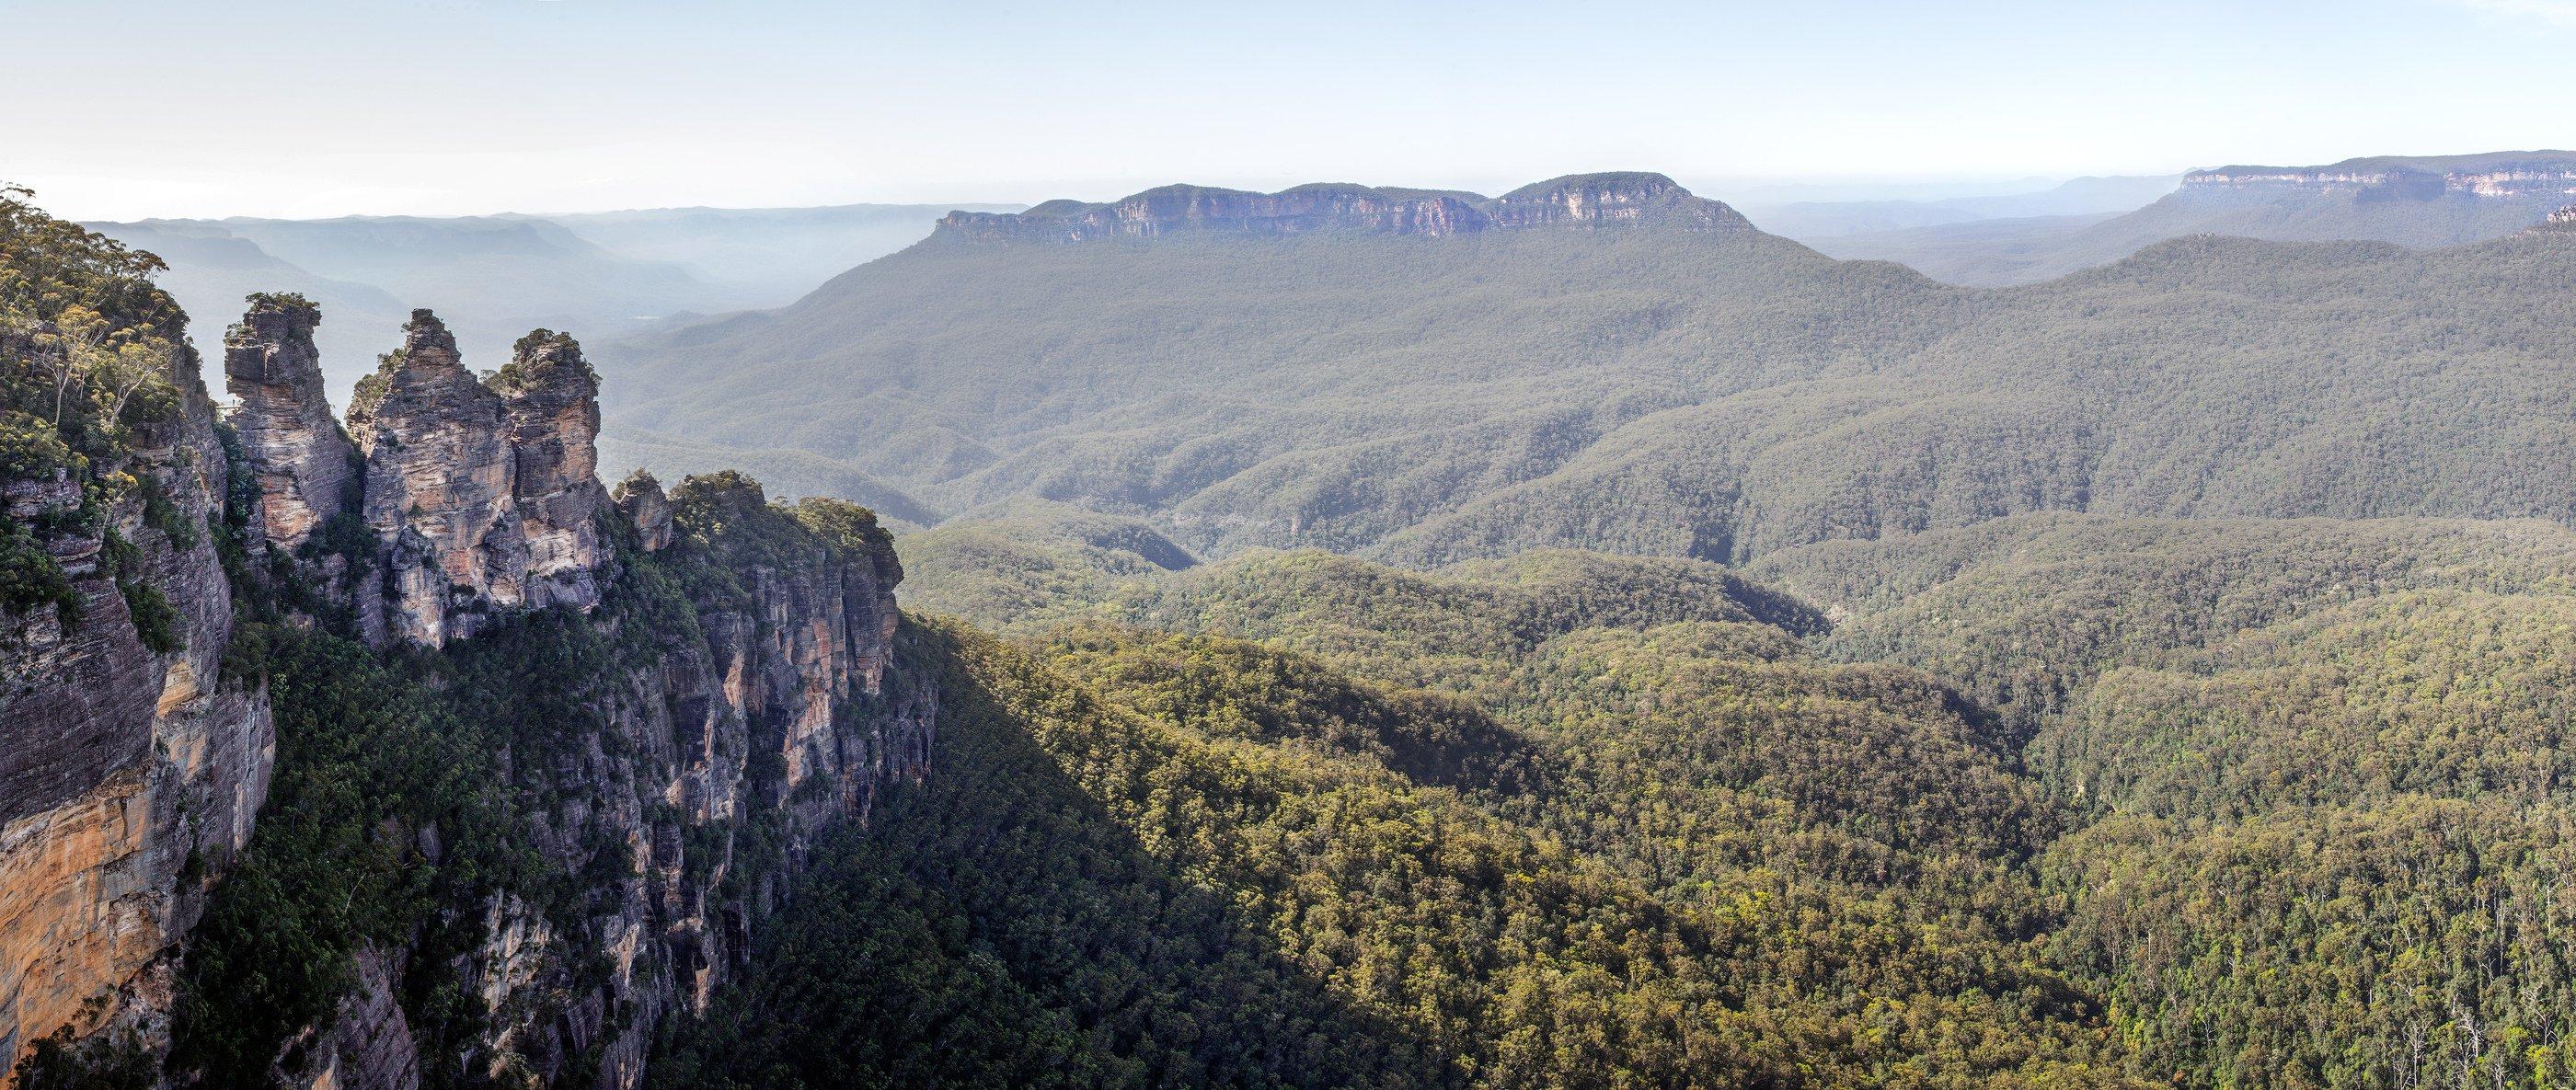 NSW, Австралия, Горы, Лес, Пейзаж, Природа, Горлов Дмитрий